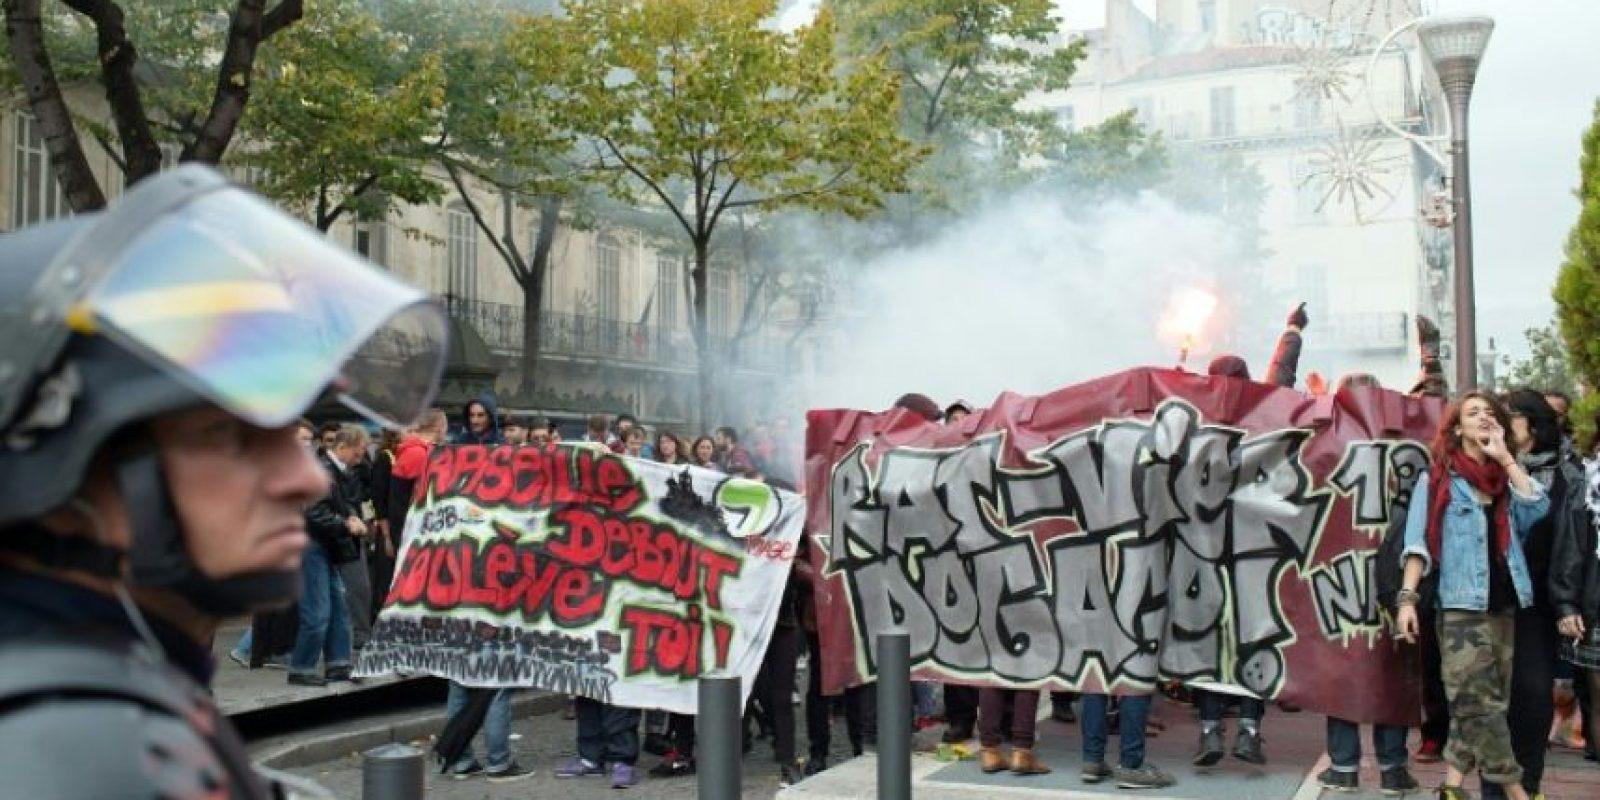 Manifestantes pro-refugiados (I) gritan frente a policías antidisturbios que controlan un acto del grupo de derecha francés Frente Nacional (FN) contra la inmigración, en Marsella, sur de Francia, el 5 de noviembre de 2016. Foto:BERTRAND LANGLOIS/afp.com